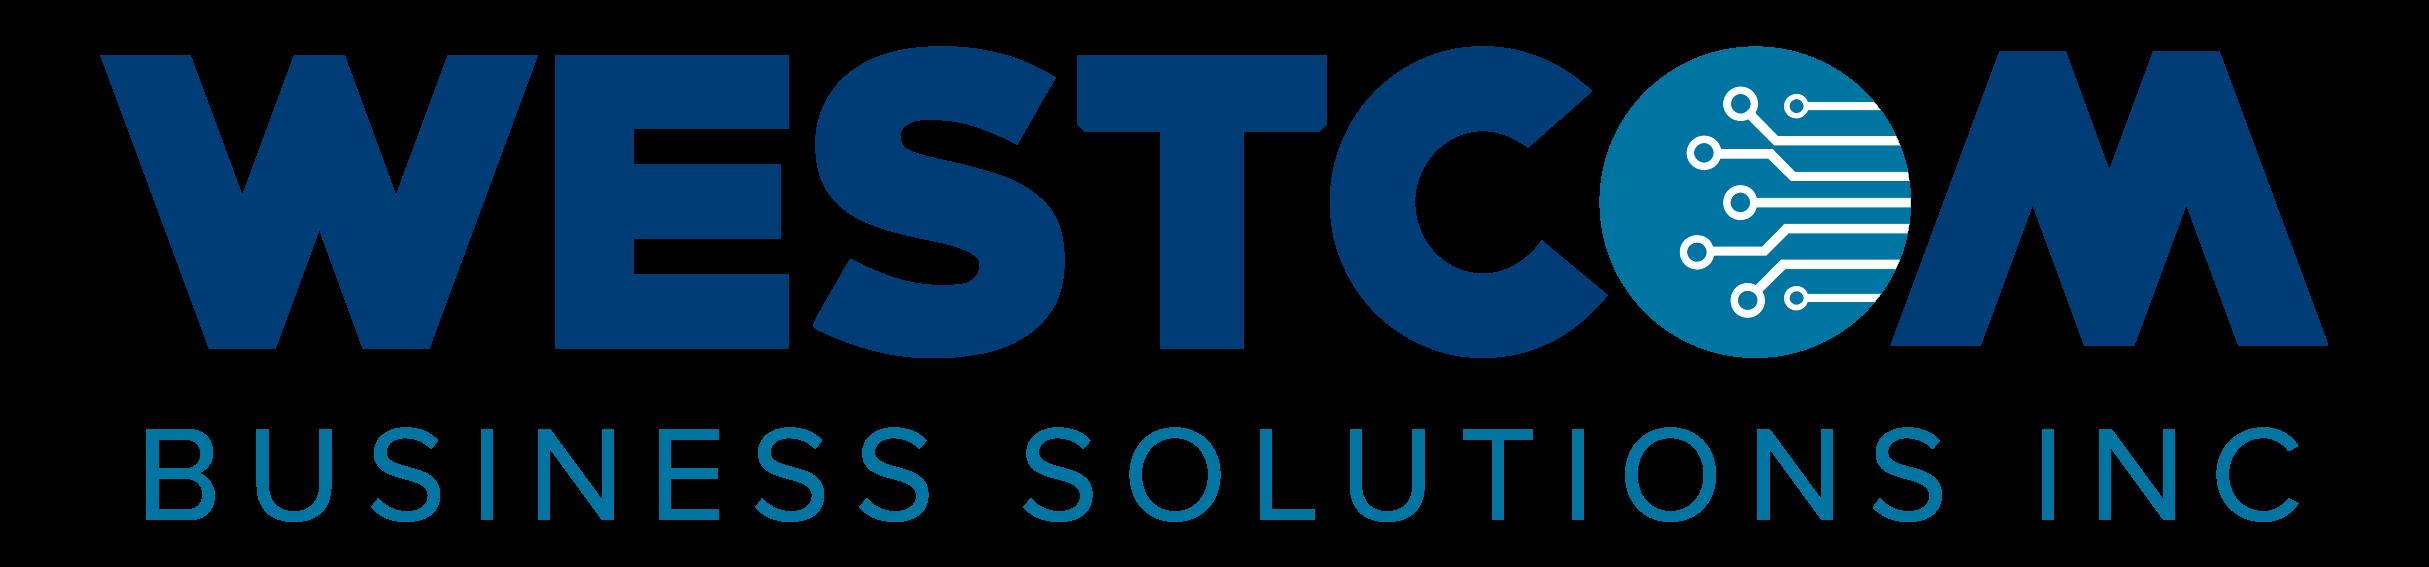 Westcom Business Solutions Inc.